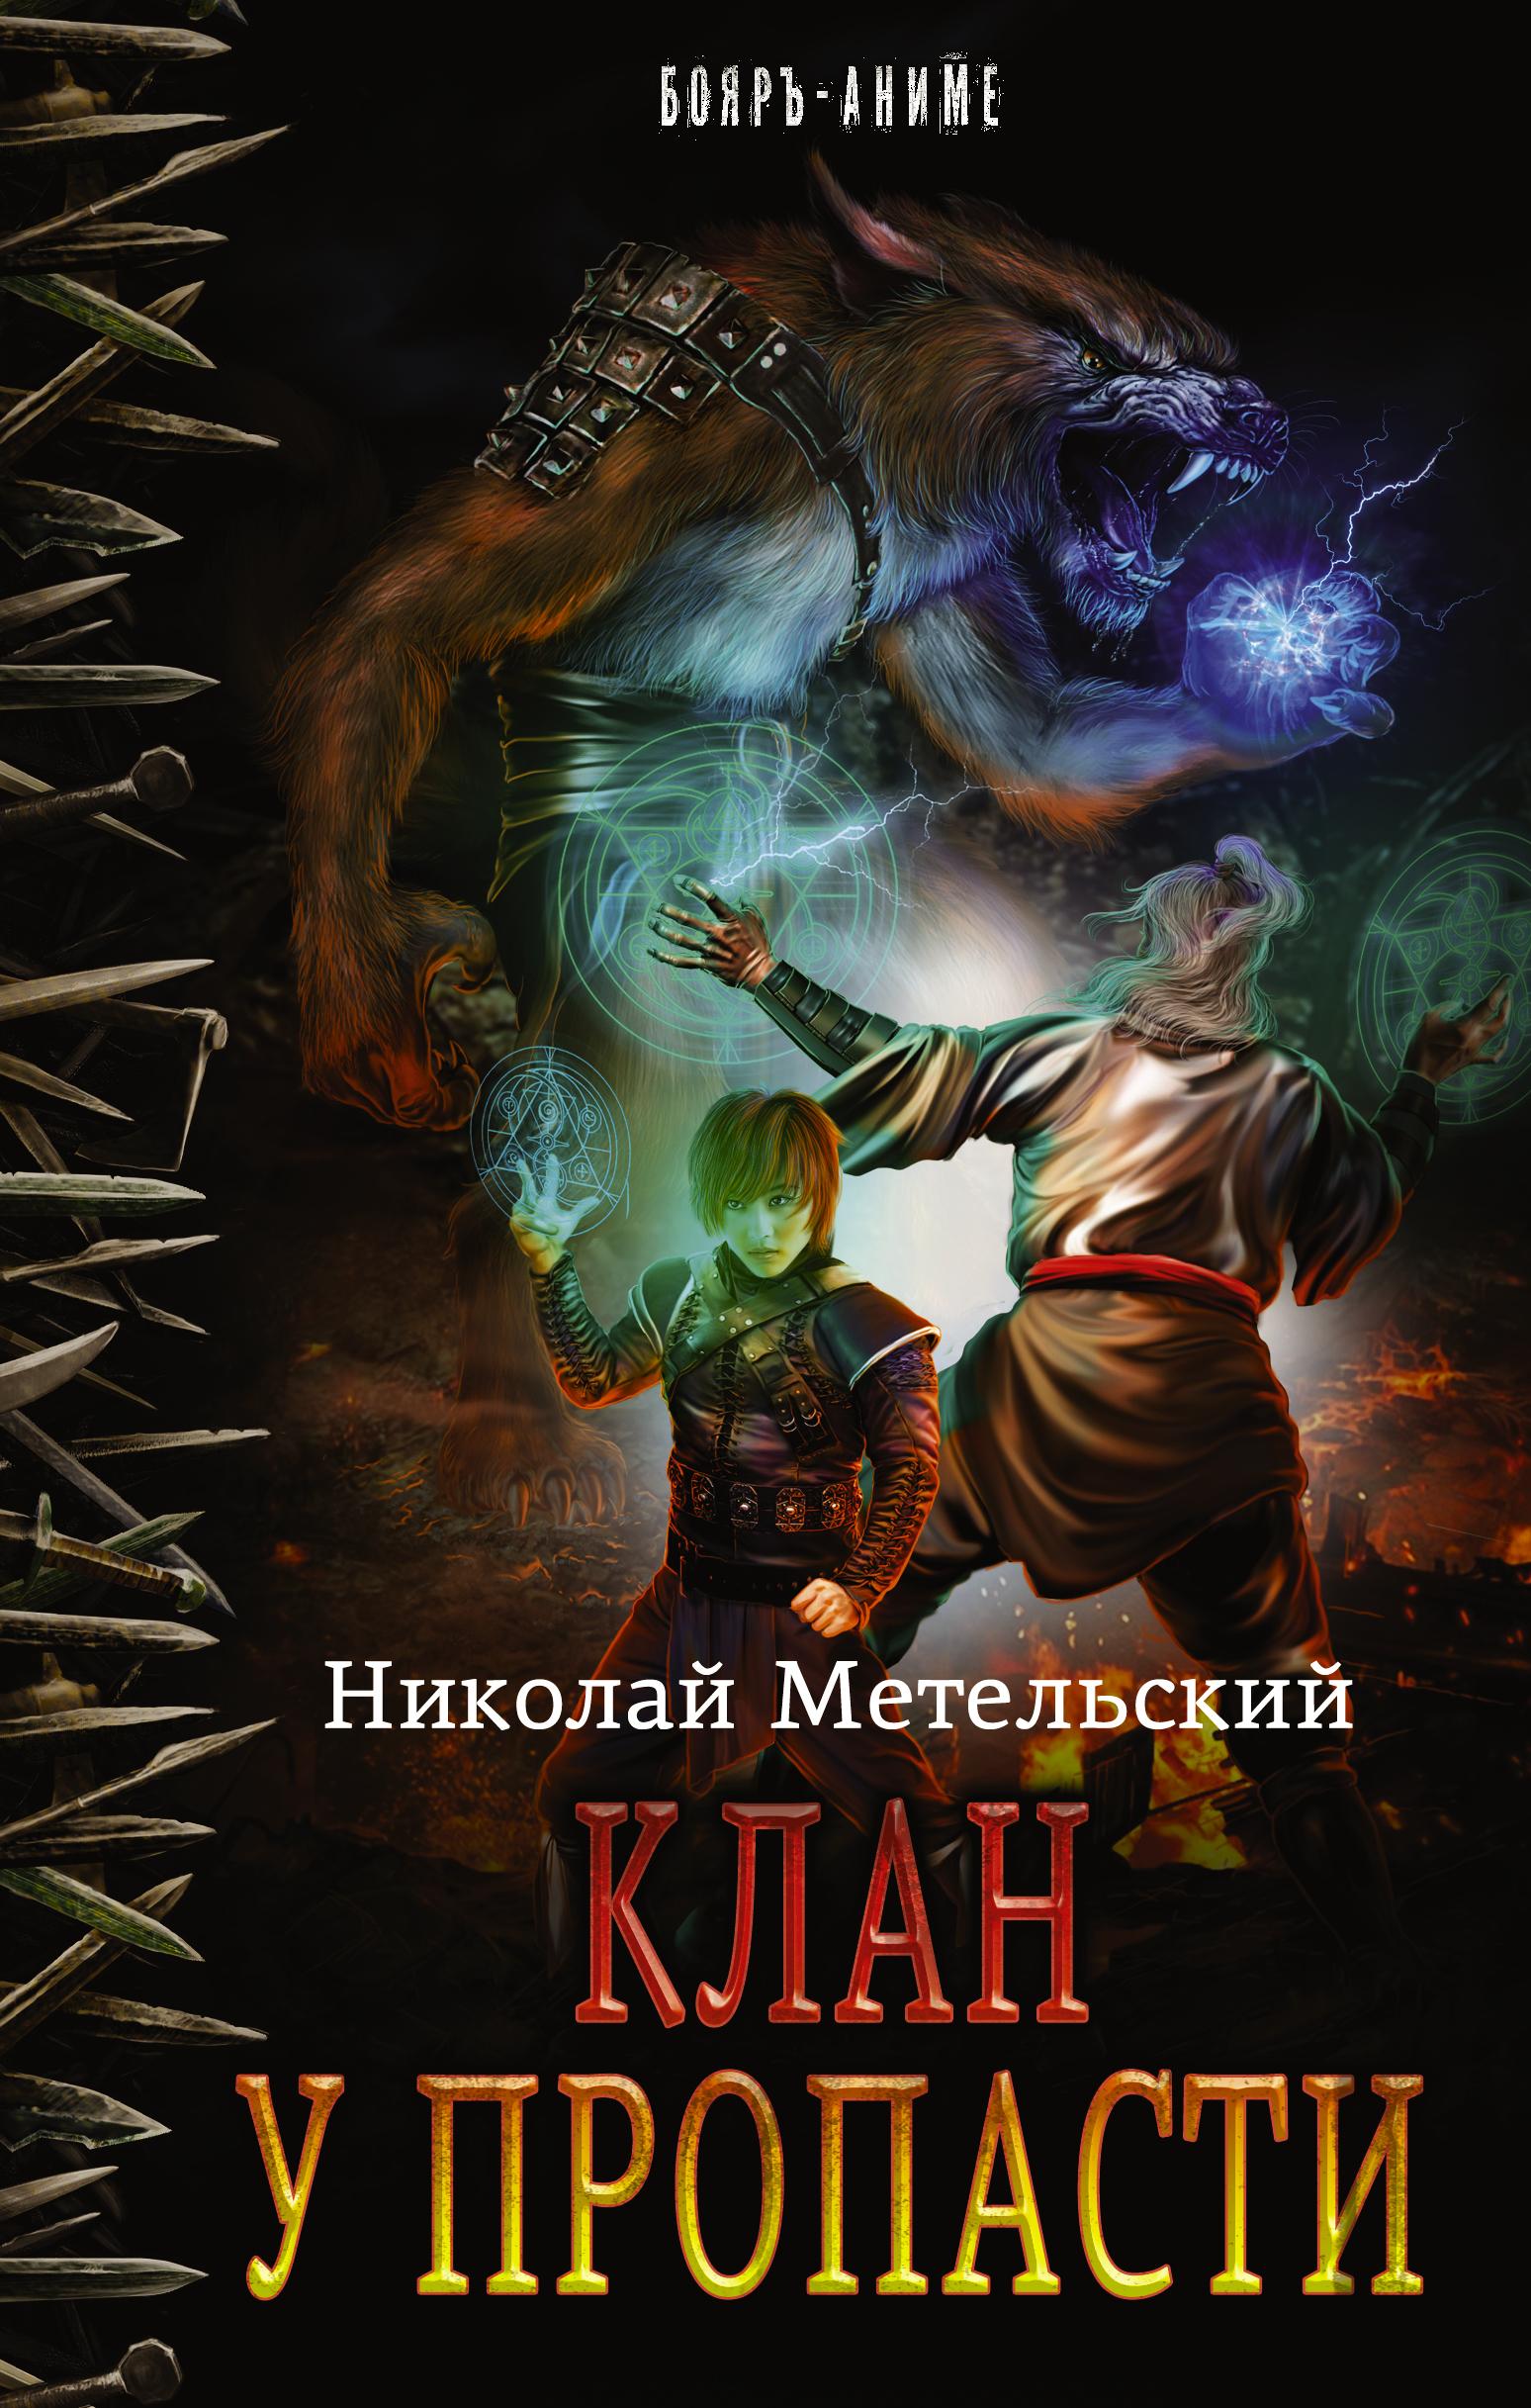 Николай Метельский Клан у пропасти метельский н клан у пропасти